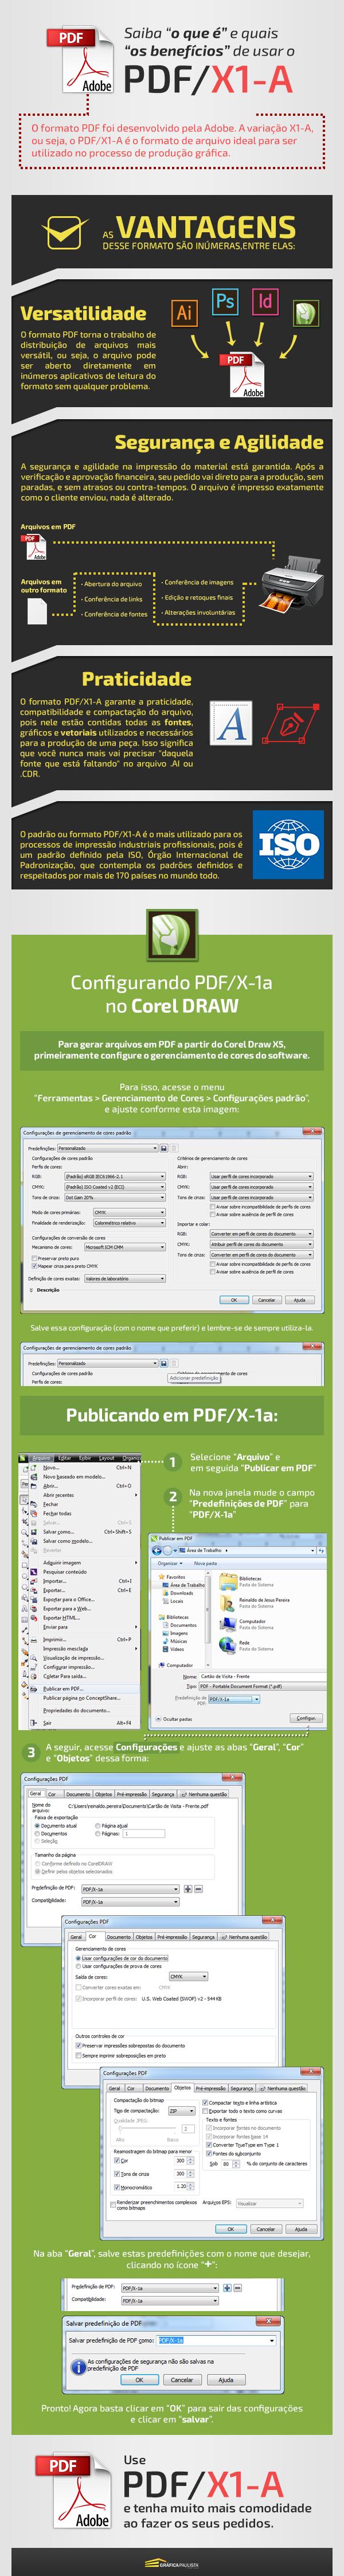 infográfico PDF - Corel